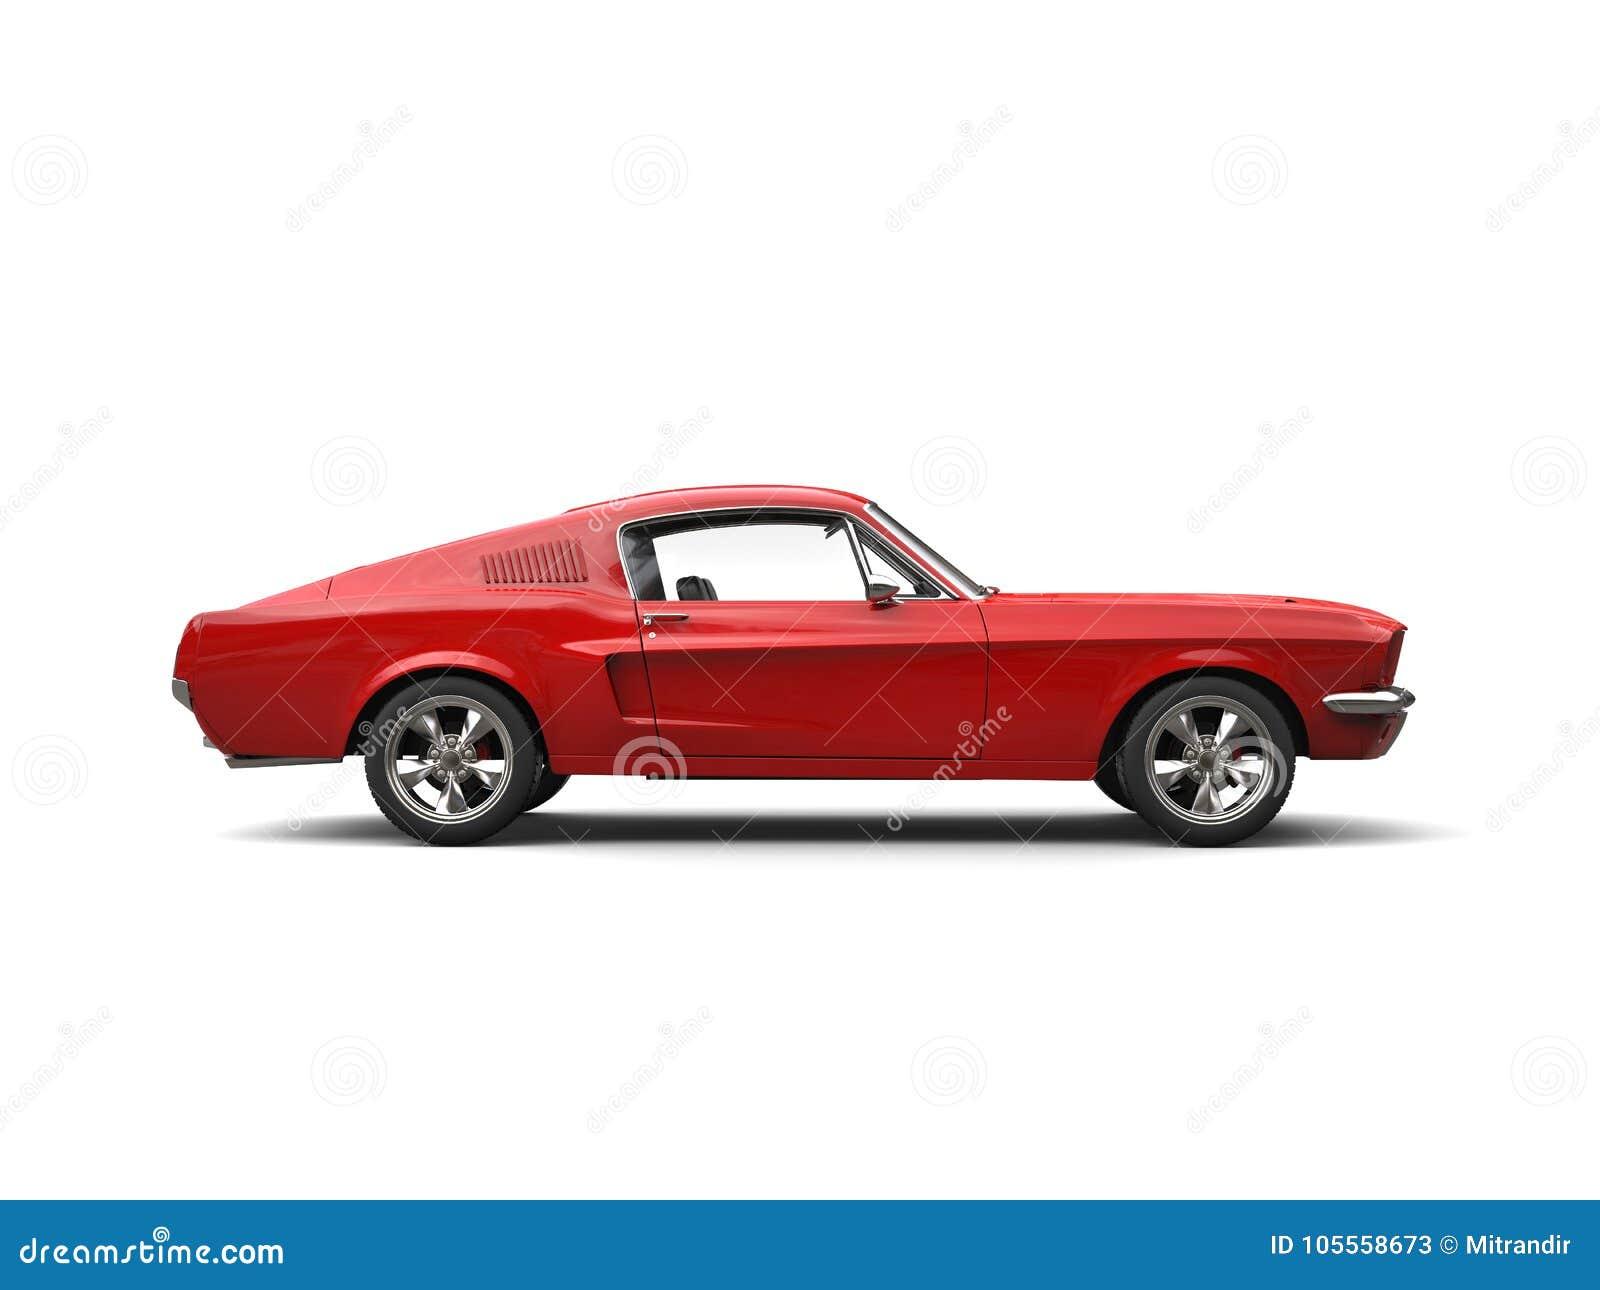 Scharlaken rode Amerikaanse uitstekende spierauto - zijaanzicht